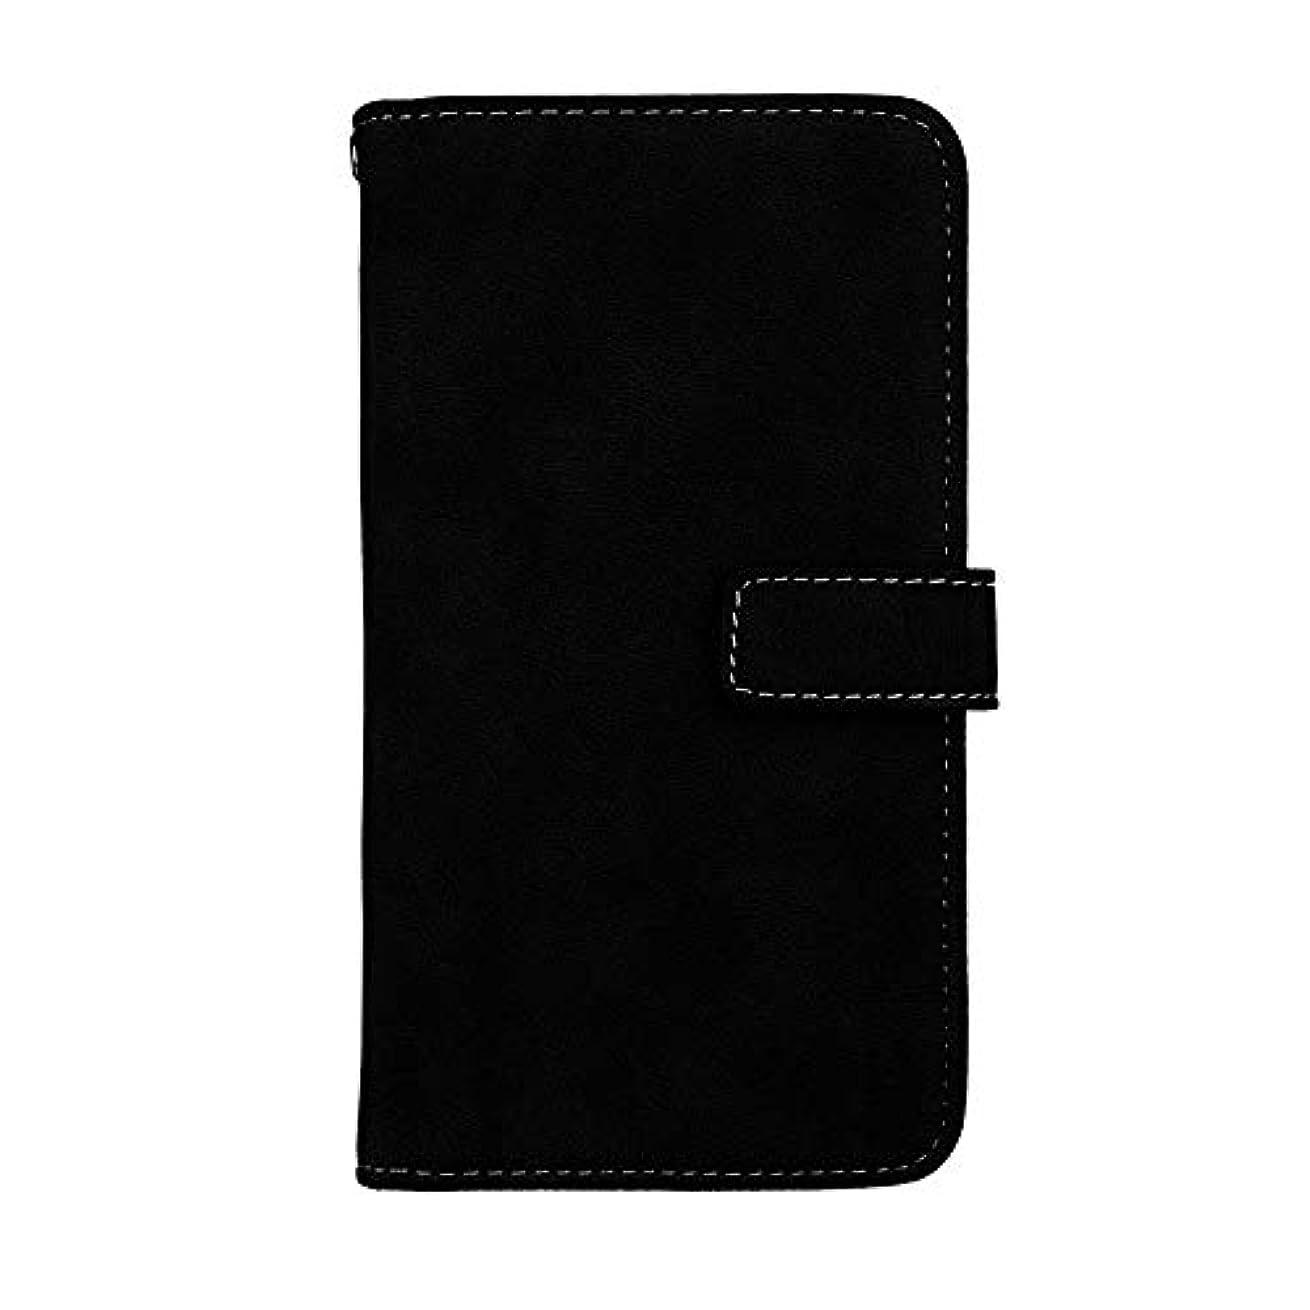 どちらかバレーボール気難しいXiaomi Redmi Note 4X 高品質 マグネット ケース, CUNUS 携帯電話 ケース 軽量 柔軟 高品質 耐摩擦 カード収納 カバー Xiaomi Redmi Note 4X 用, ブラック